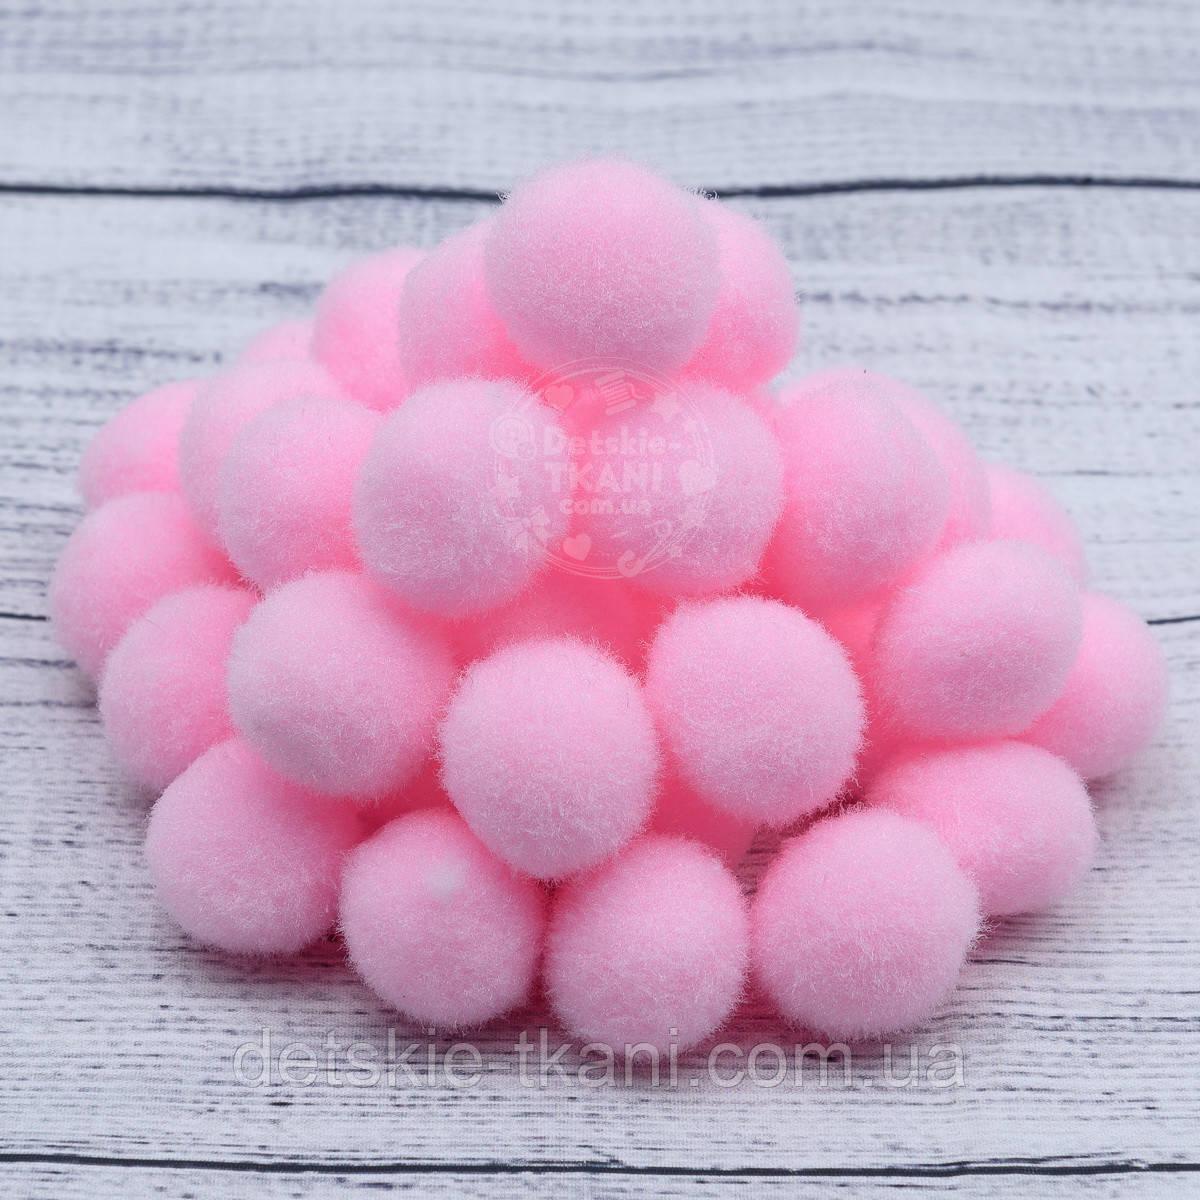 Плюшевые помпоны  розового цвета 20 мм, упаковка 20 шт